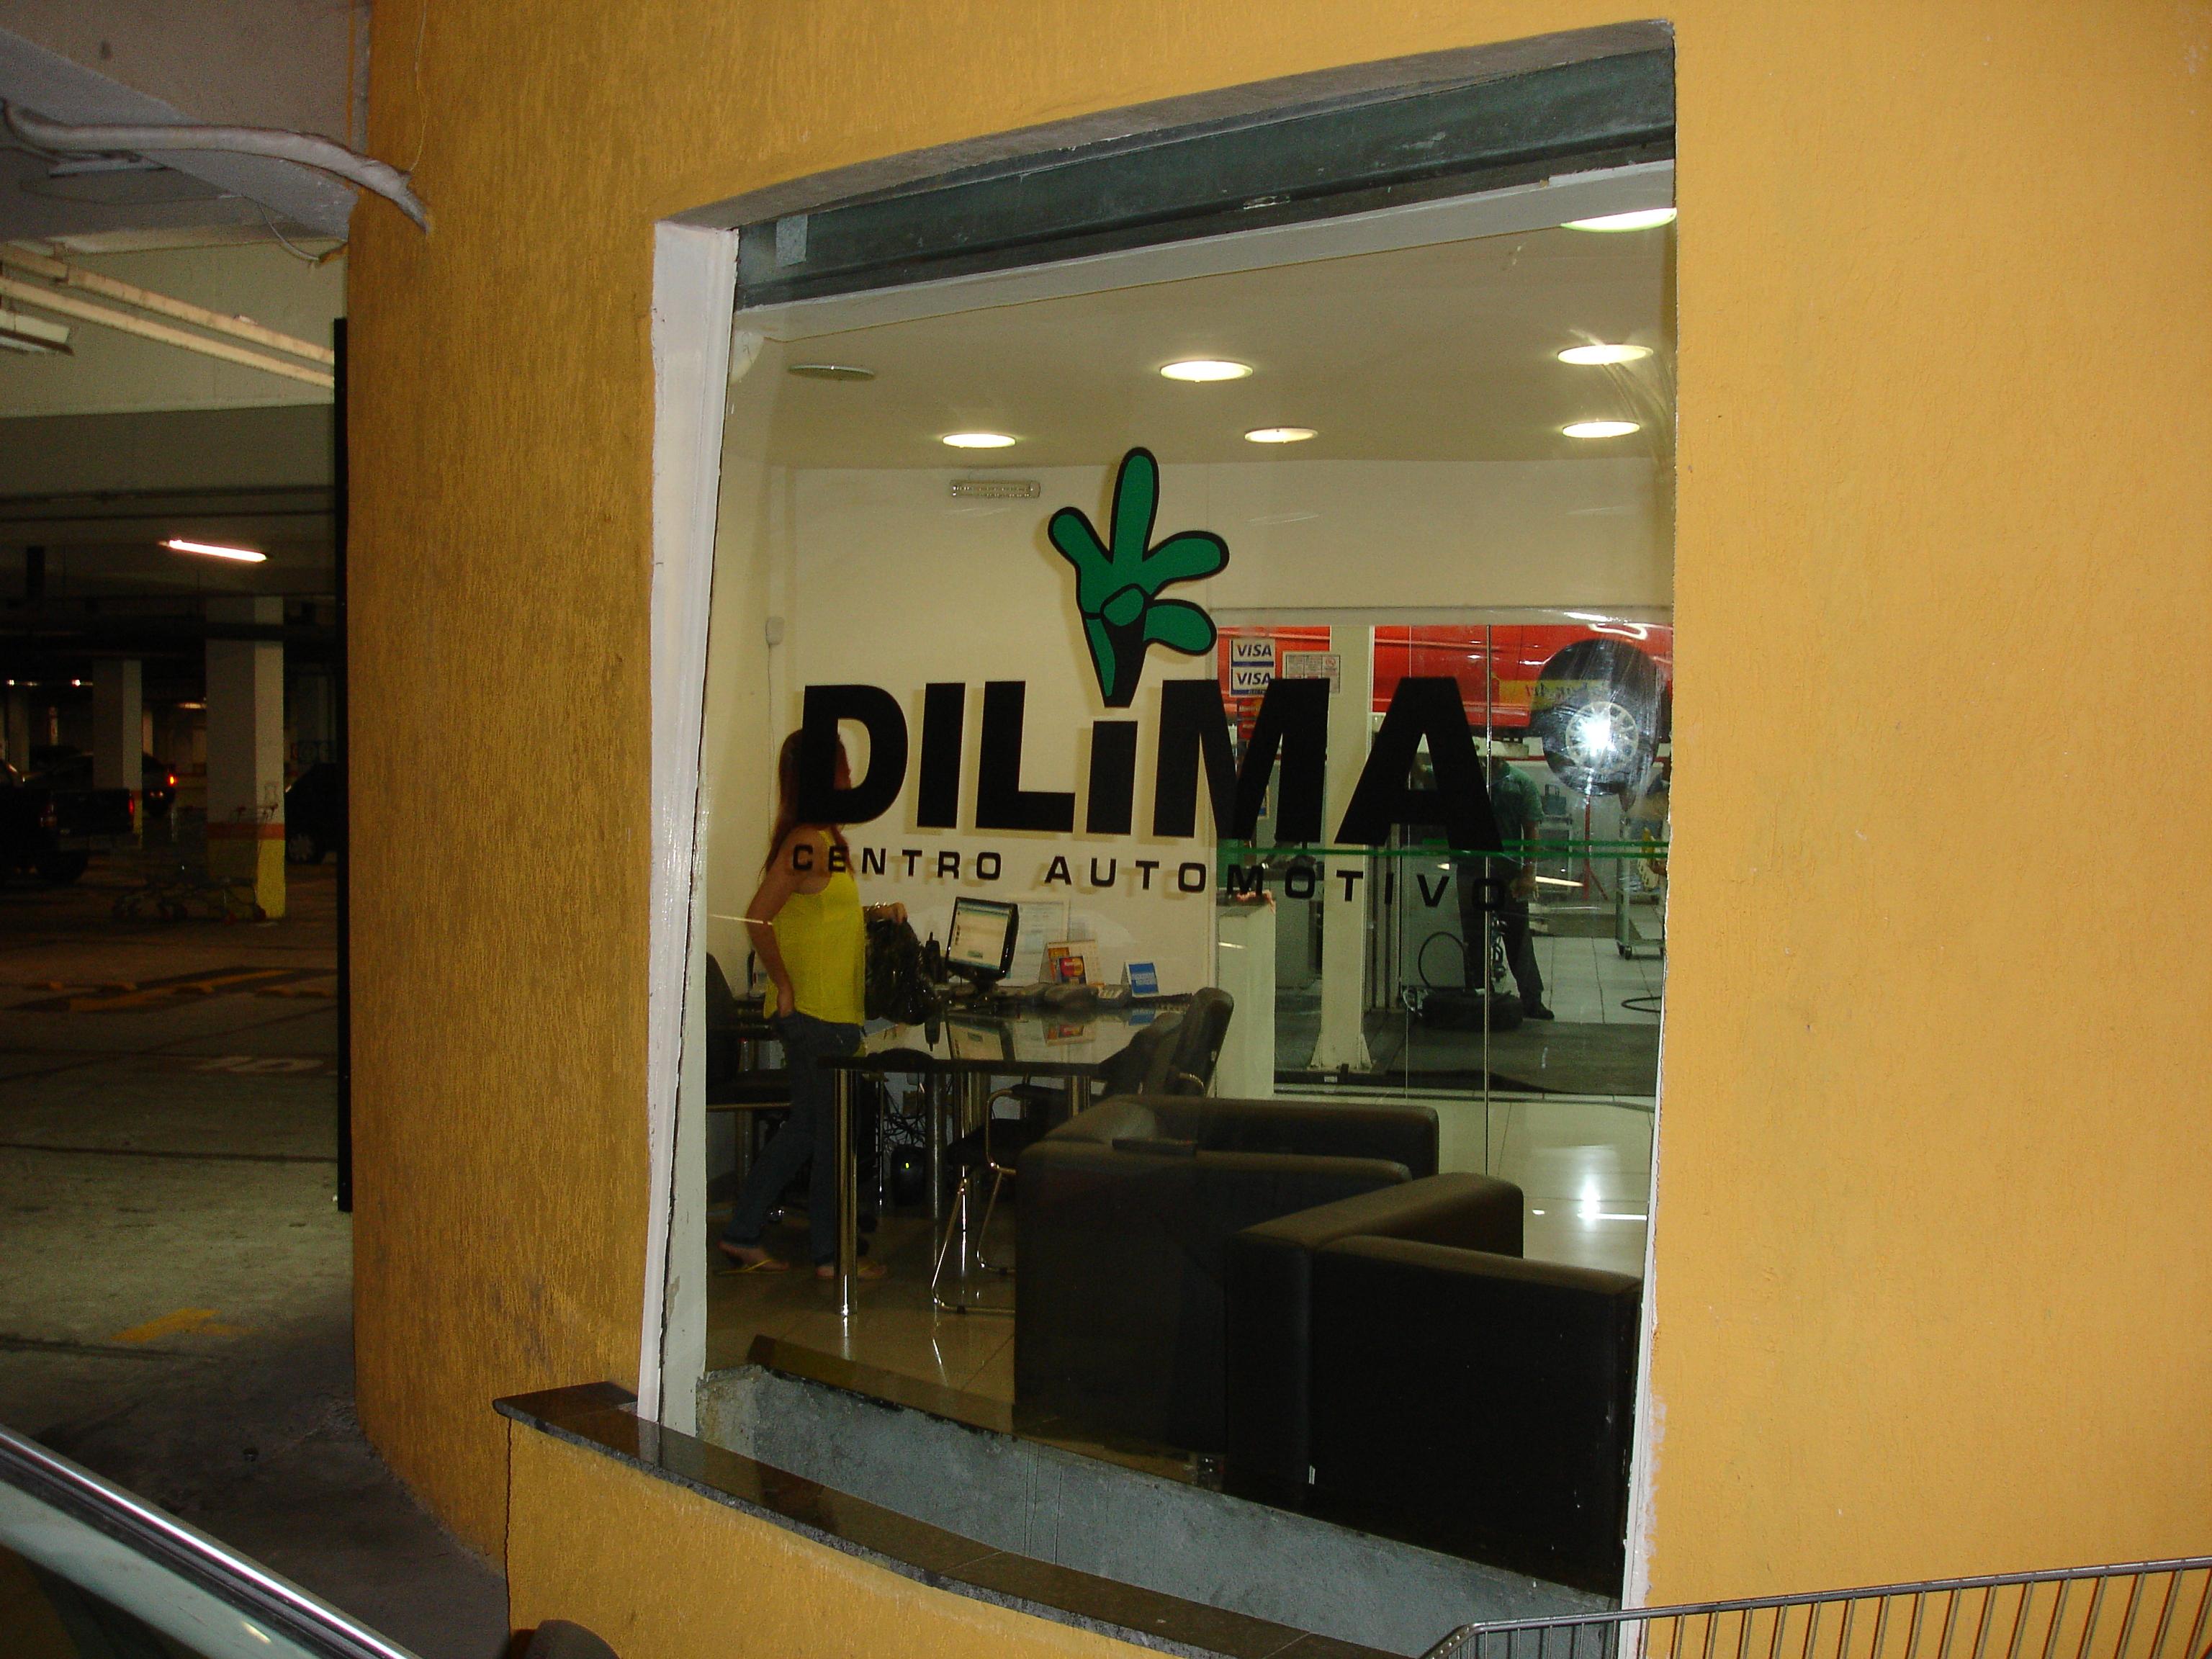 Dilma pneus